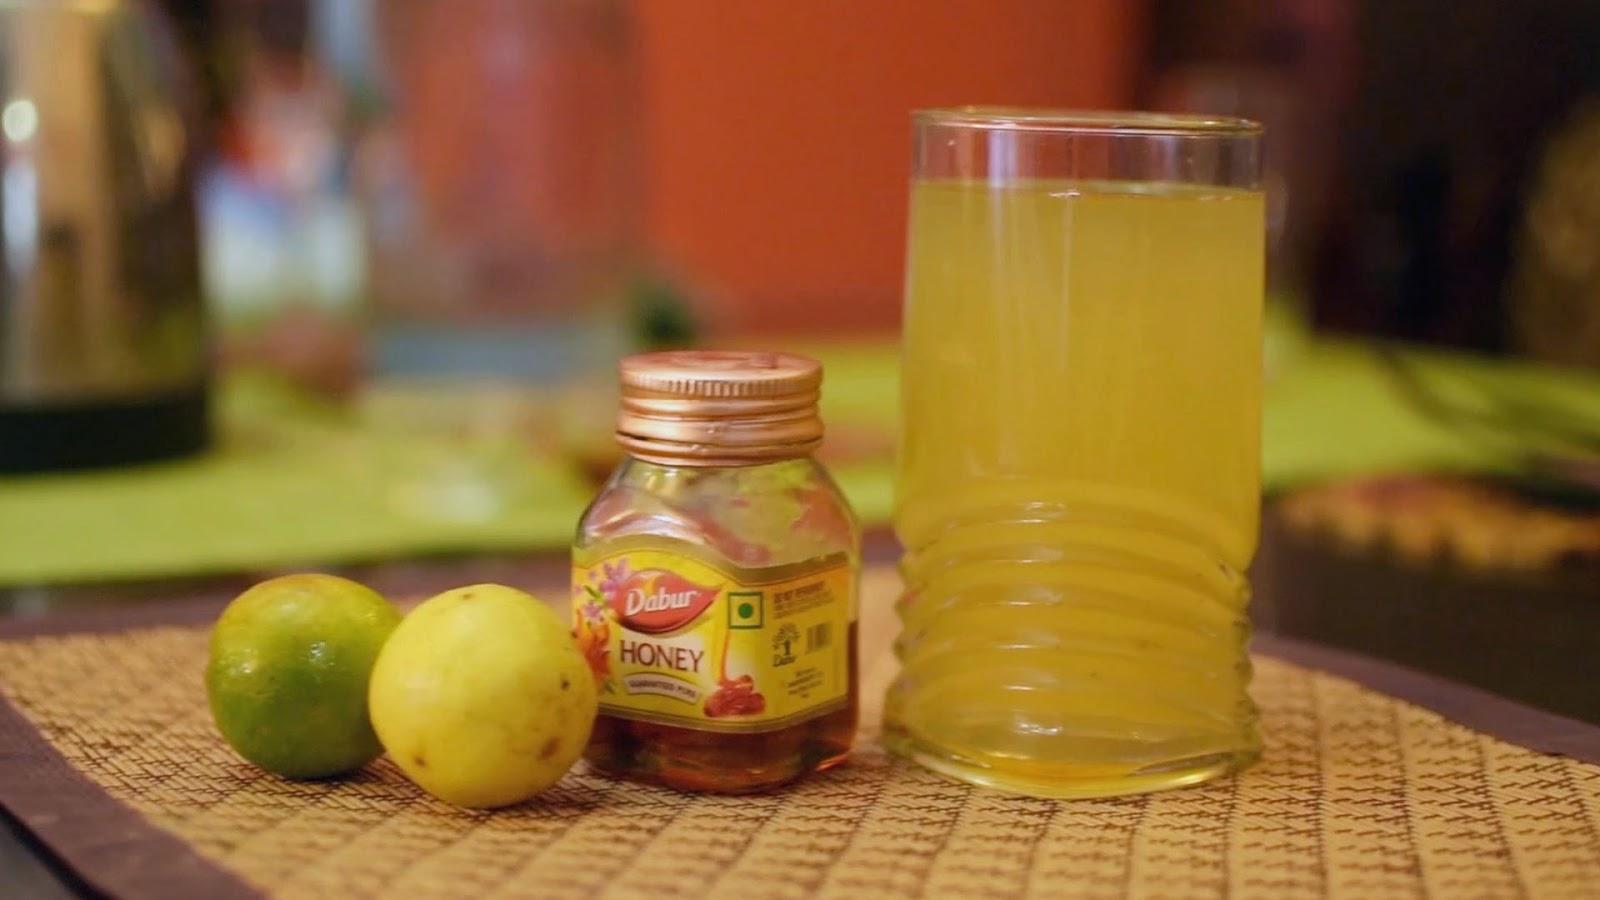 Honey lemon green tea for weight loss presence the endogenous